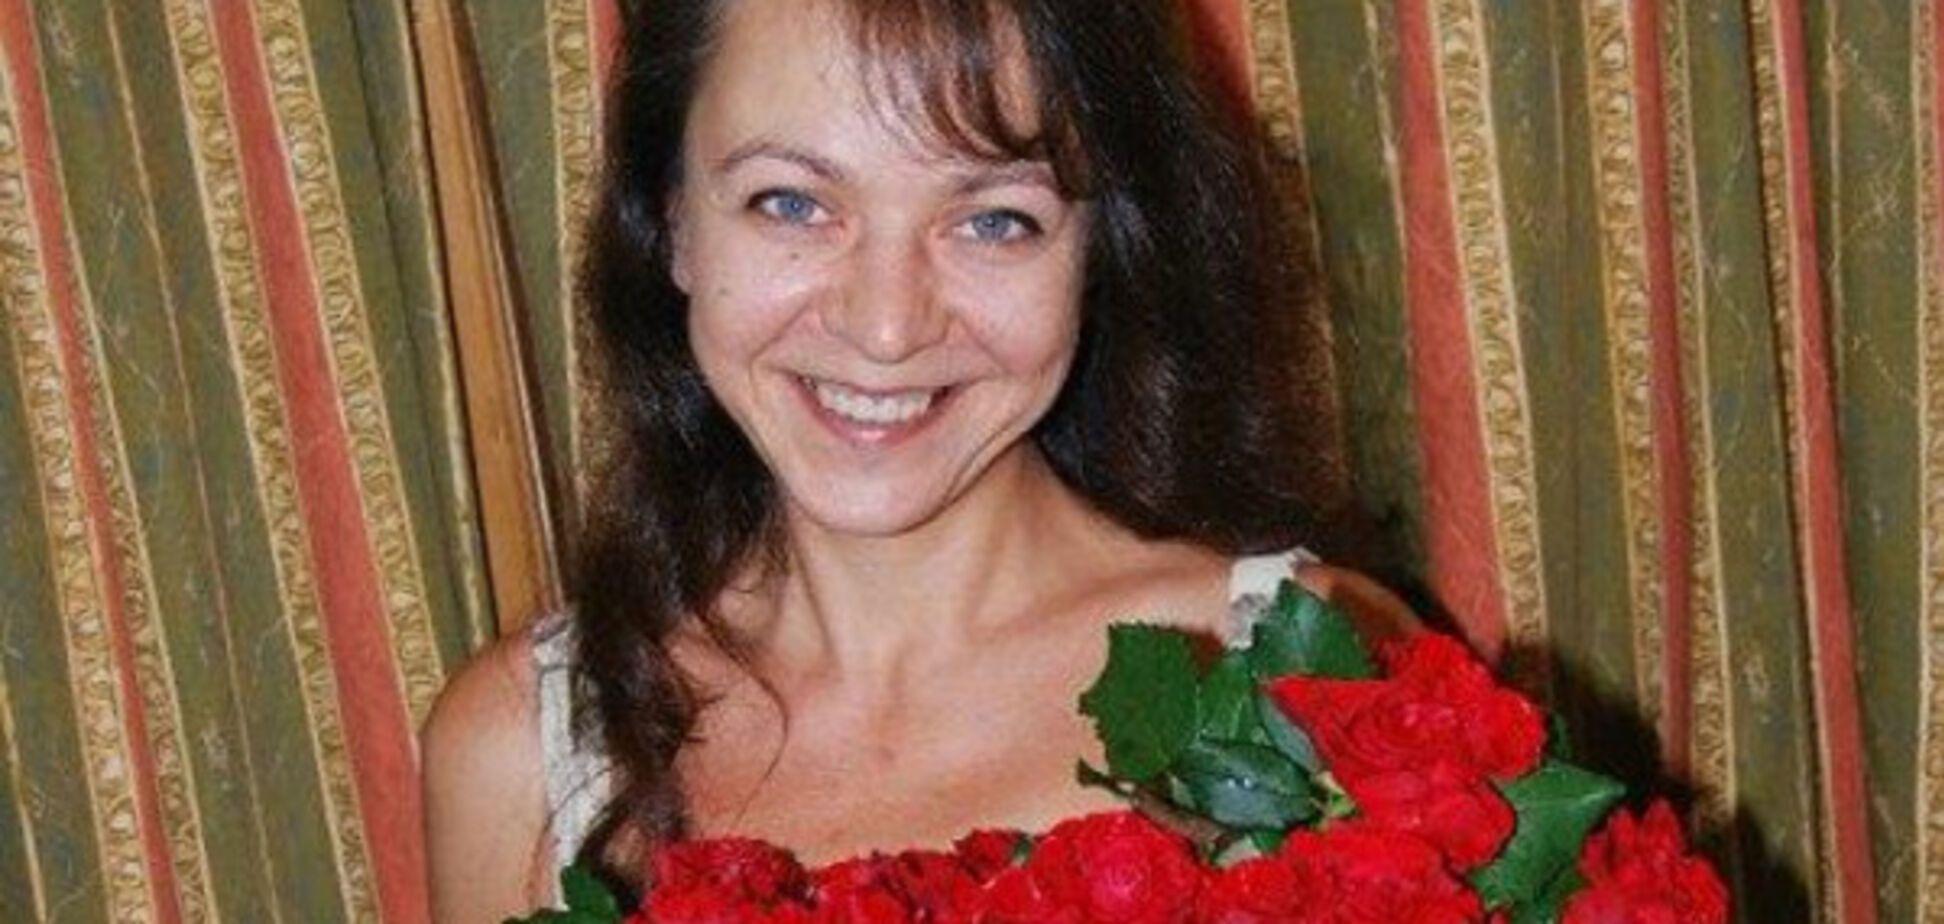 Зверское убийство таксистки под Черкассами: появились новые подробности